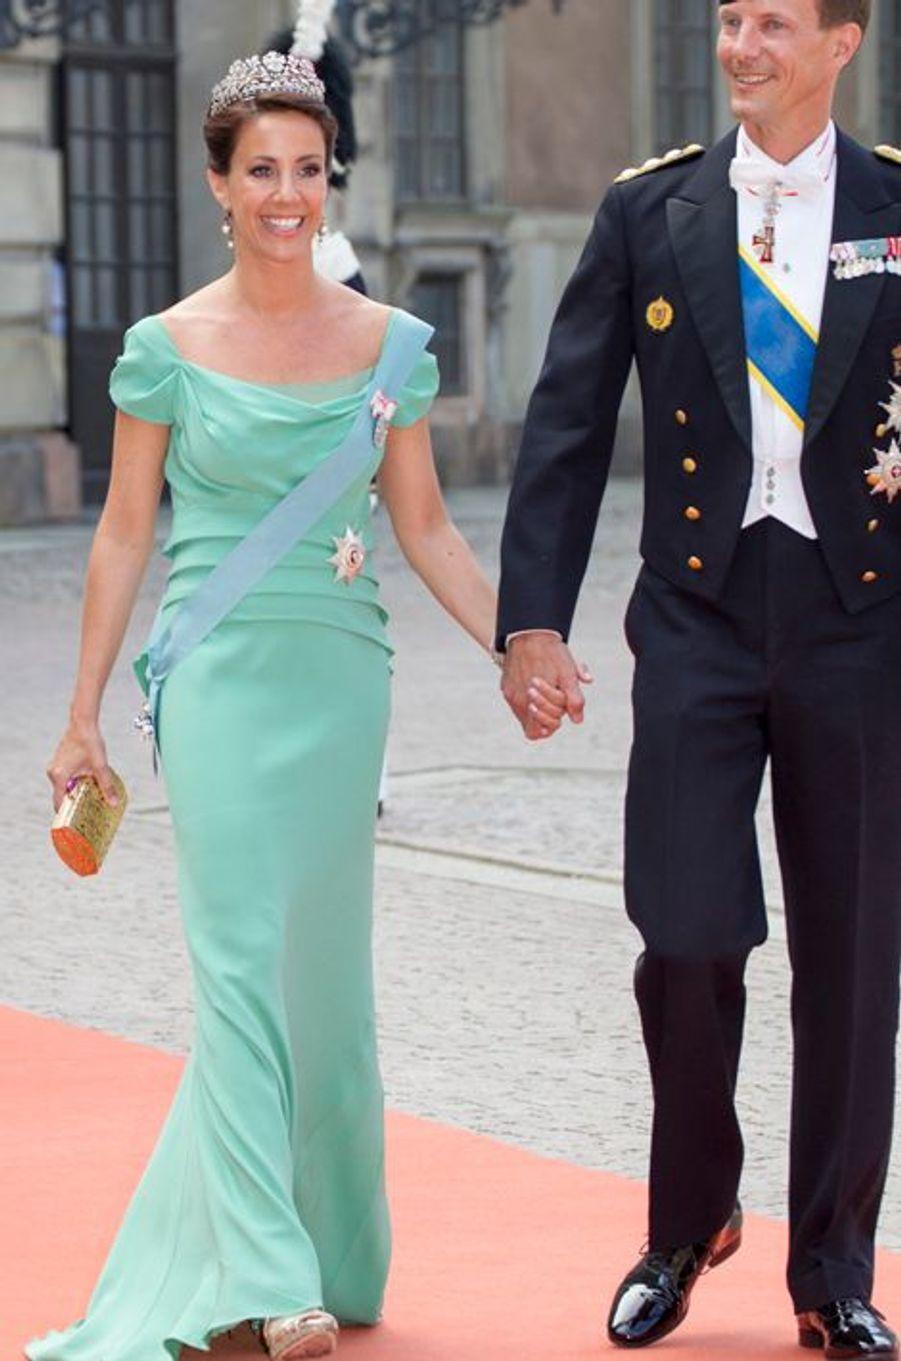 La princesse Marie de Danemark, avec son mari le prince Joachim, à Stockholm le 13 juin 2015